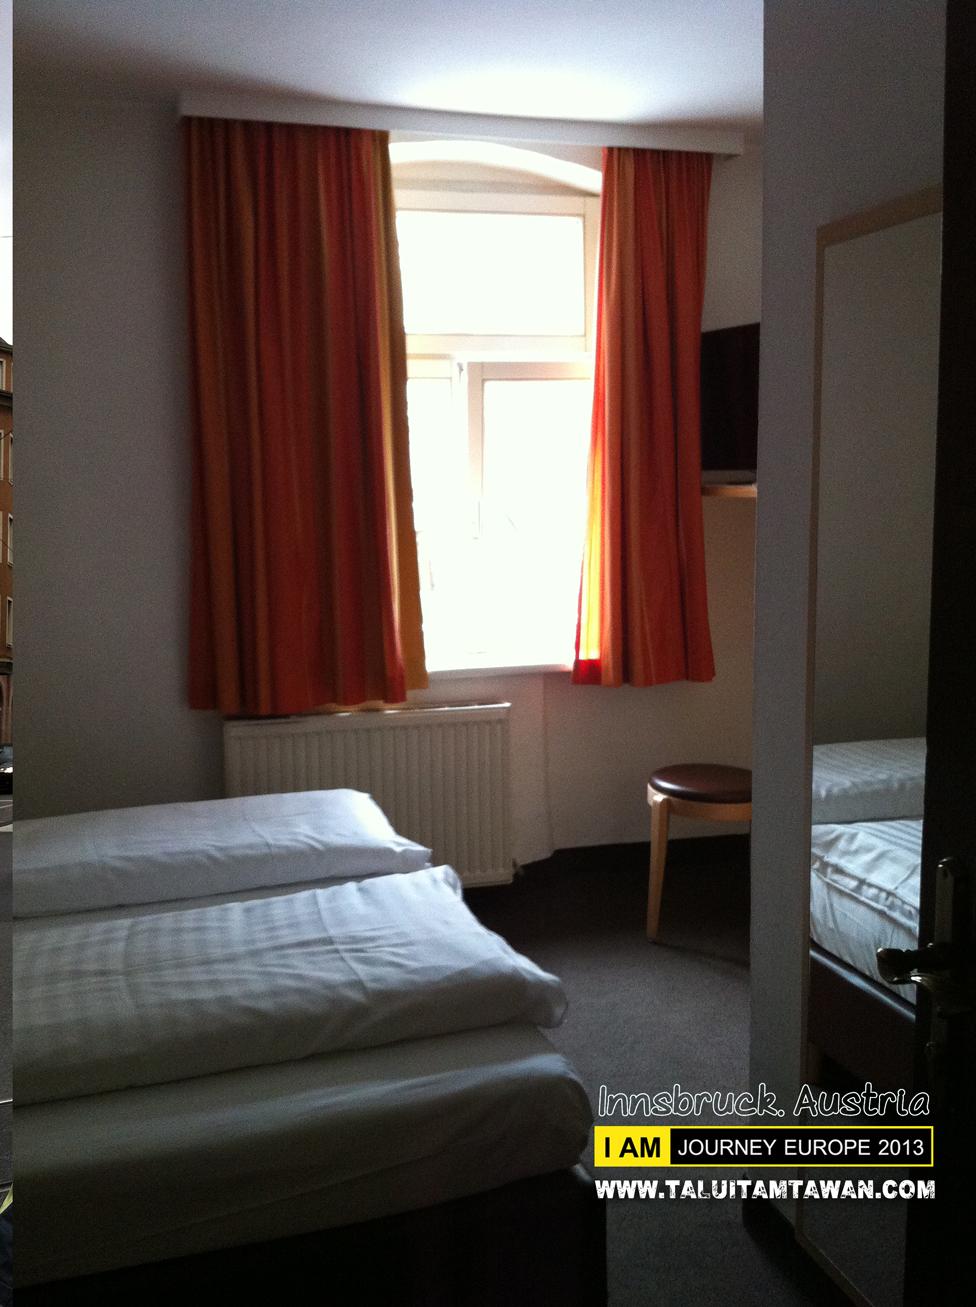 ห้องพักจะเล็กๆ และไม่มีแอร์ แต่ จะมี Heater แทน ครับ